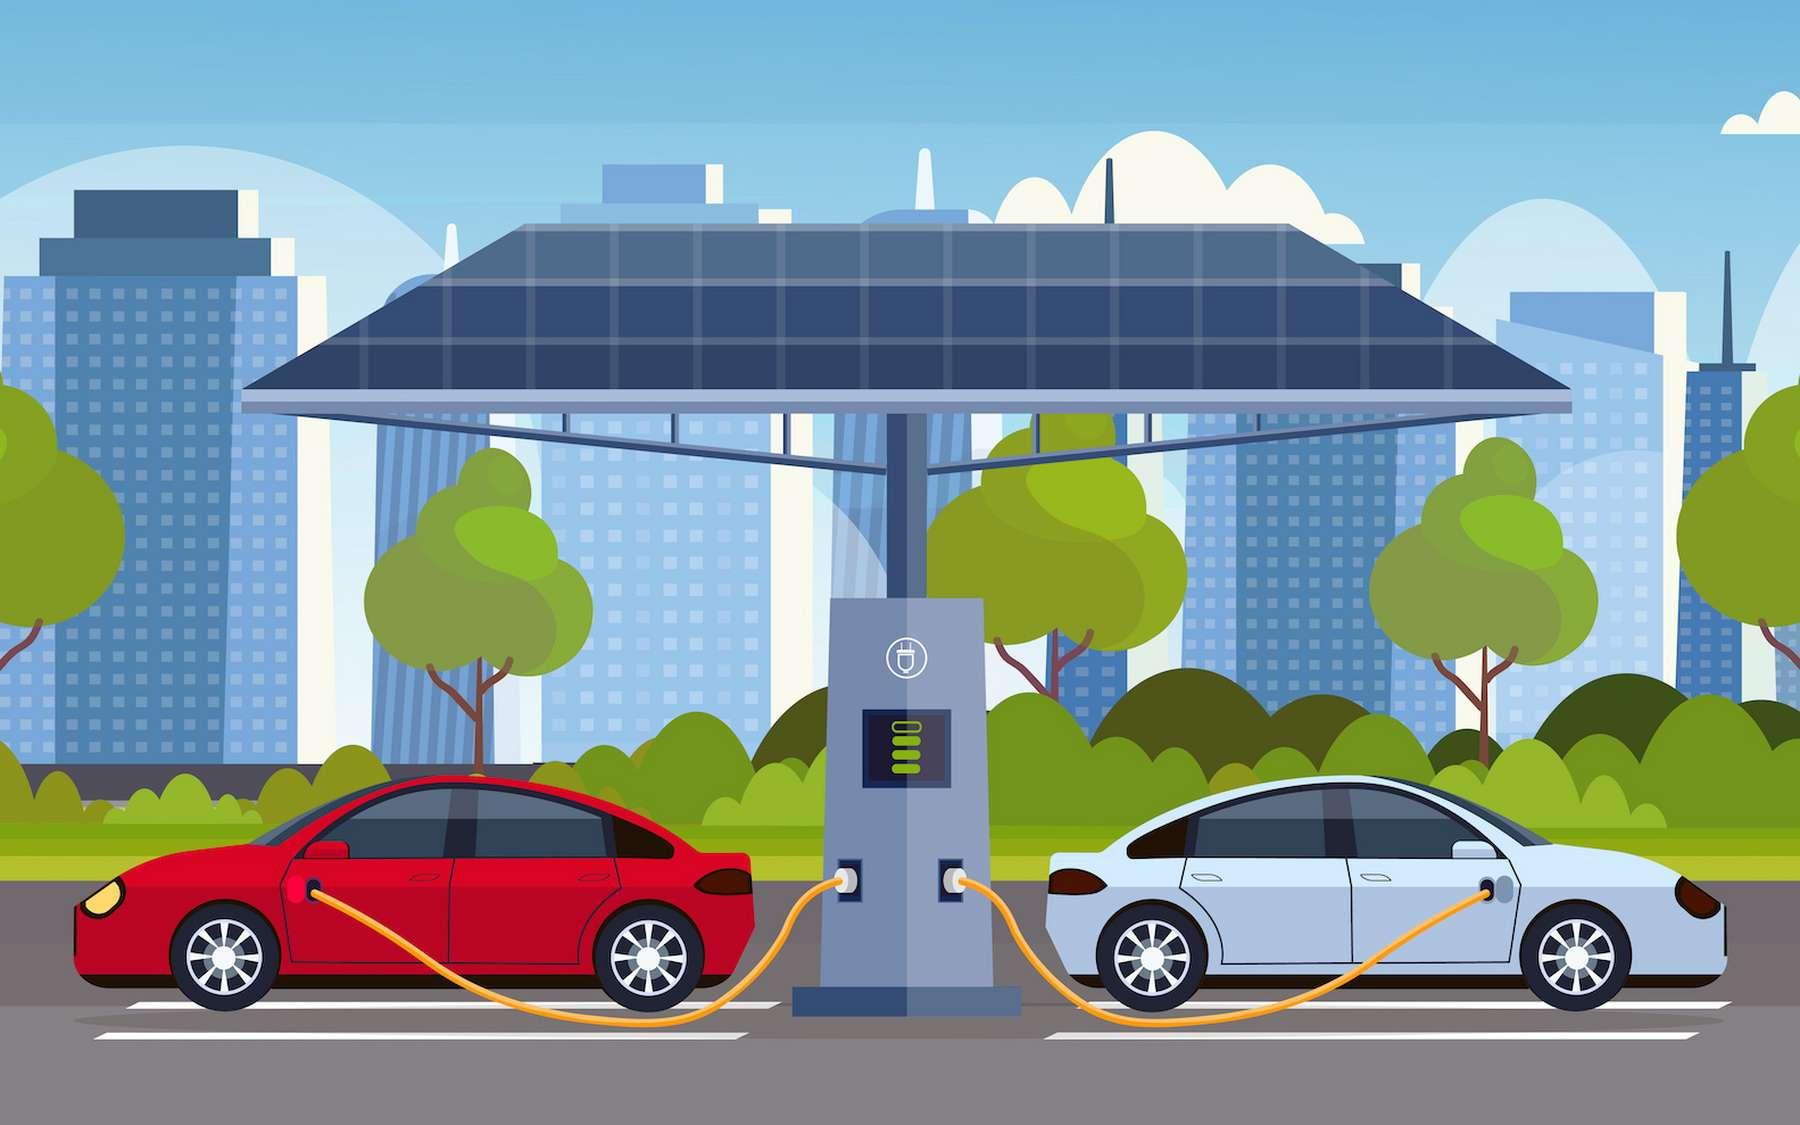 Voiture électrique vs voiture à hydrogène : laquelle est la plus écologique ? © mast3r, Adobe Stock